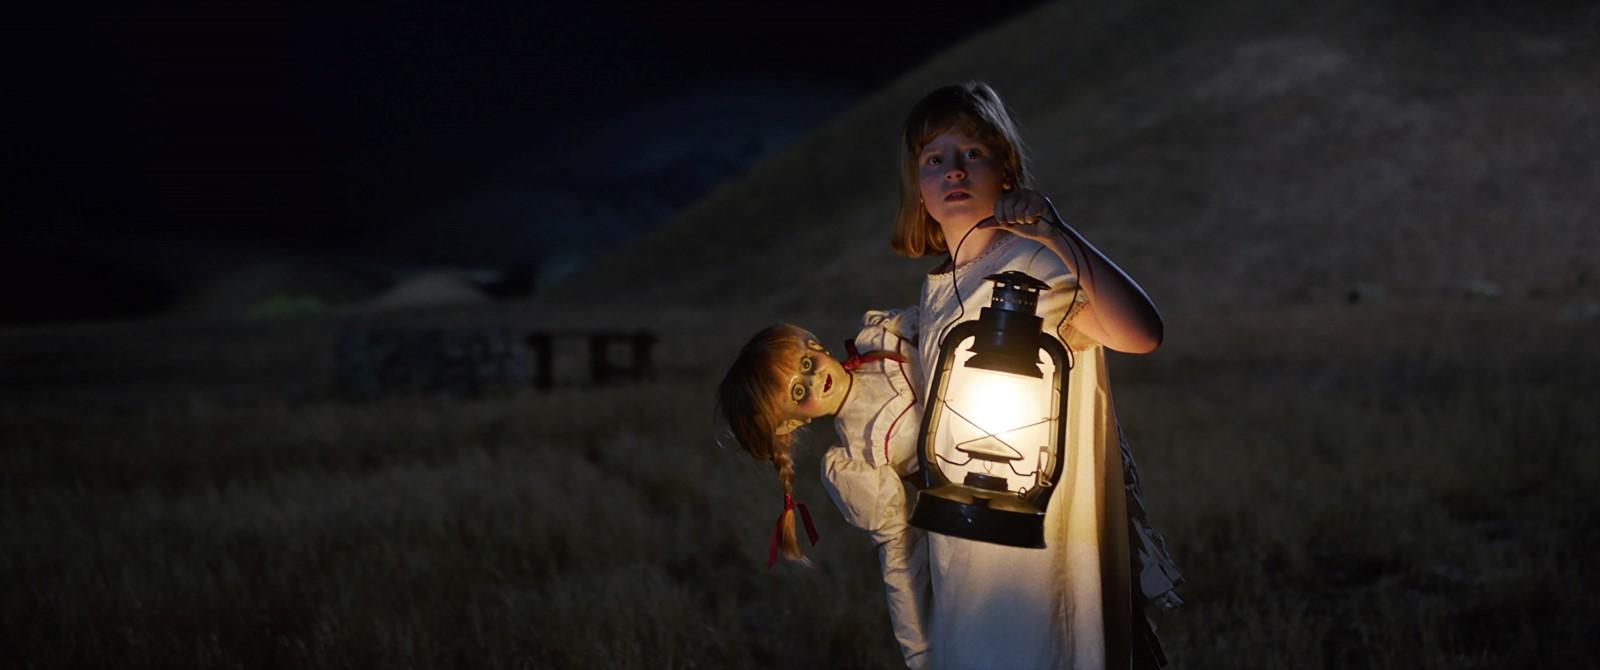 Annabelle 2 - La Création Du Mal de David F. Sandberg - 2017 / Horreur